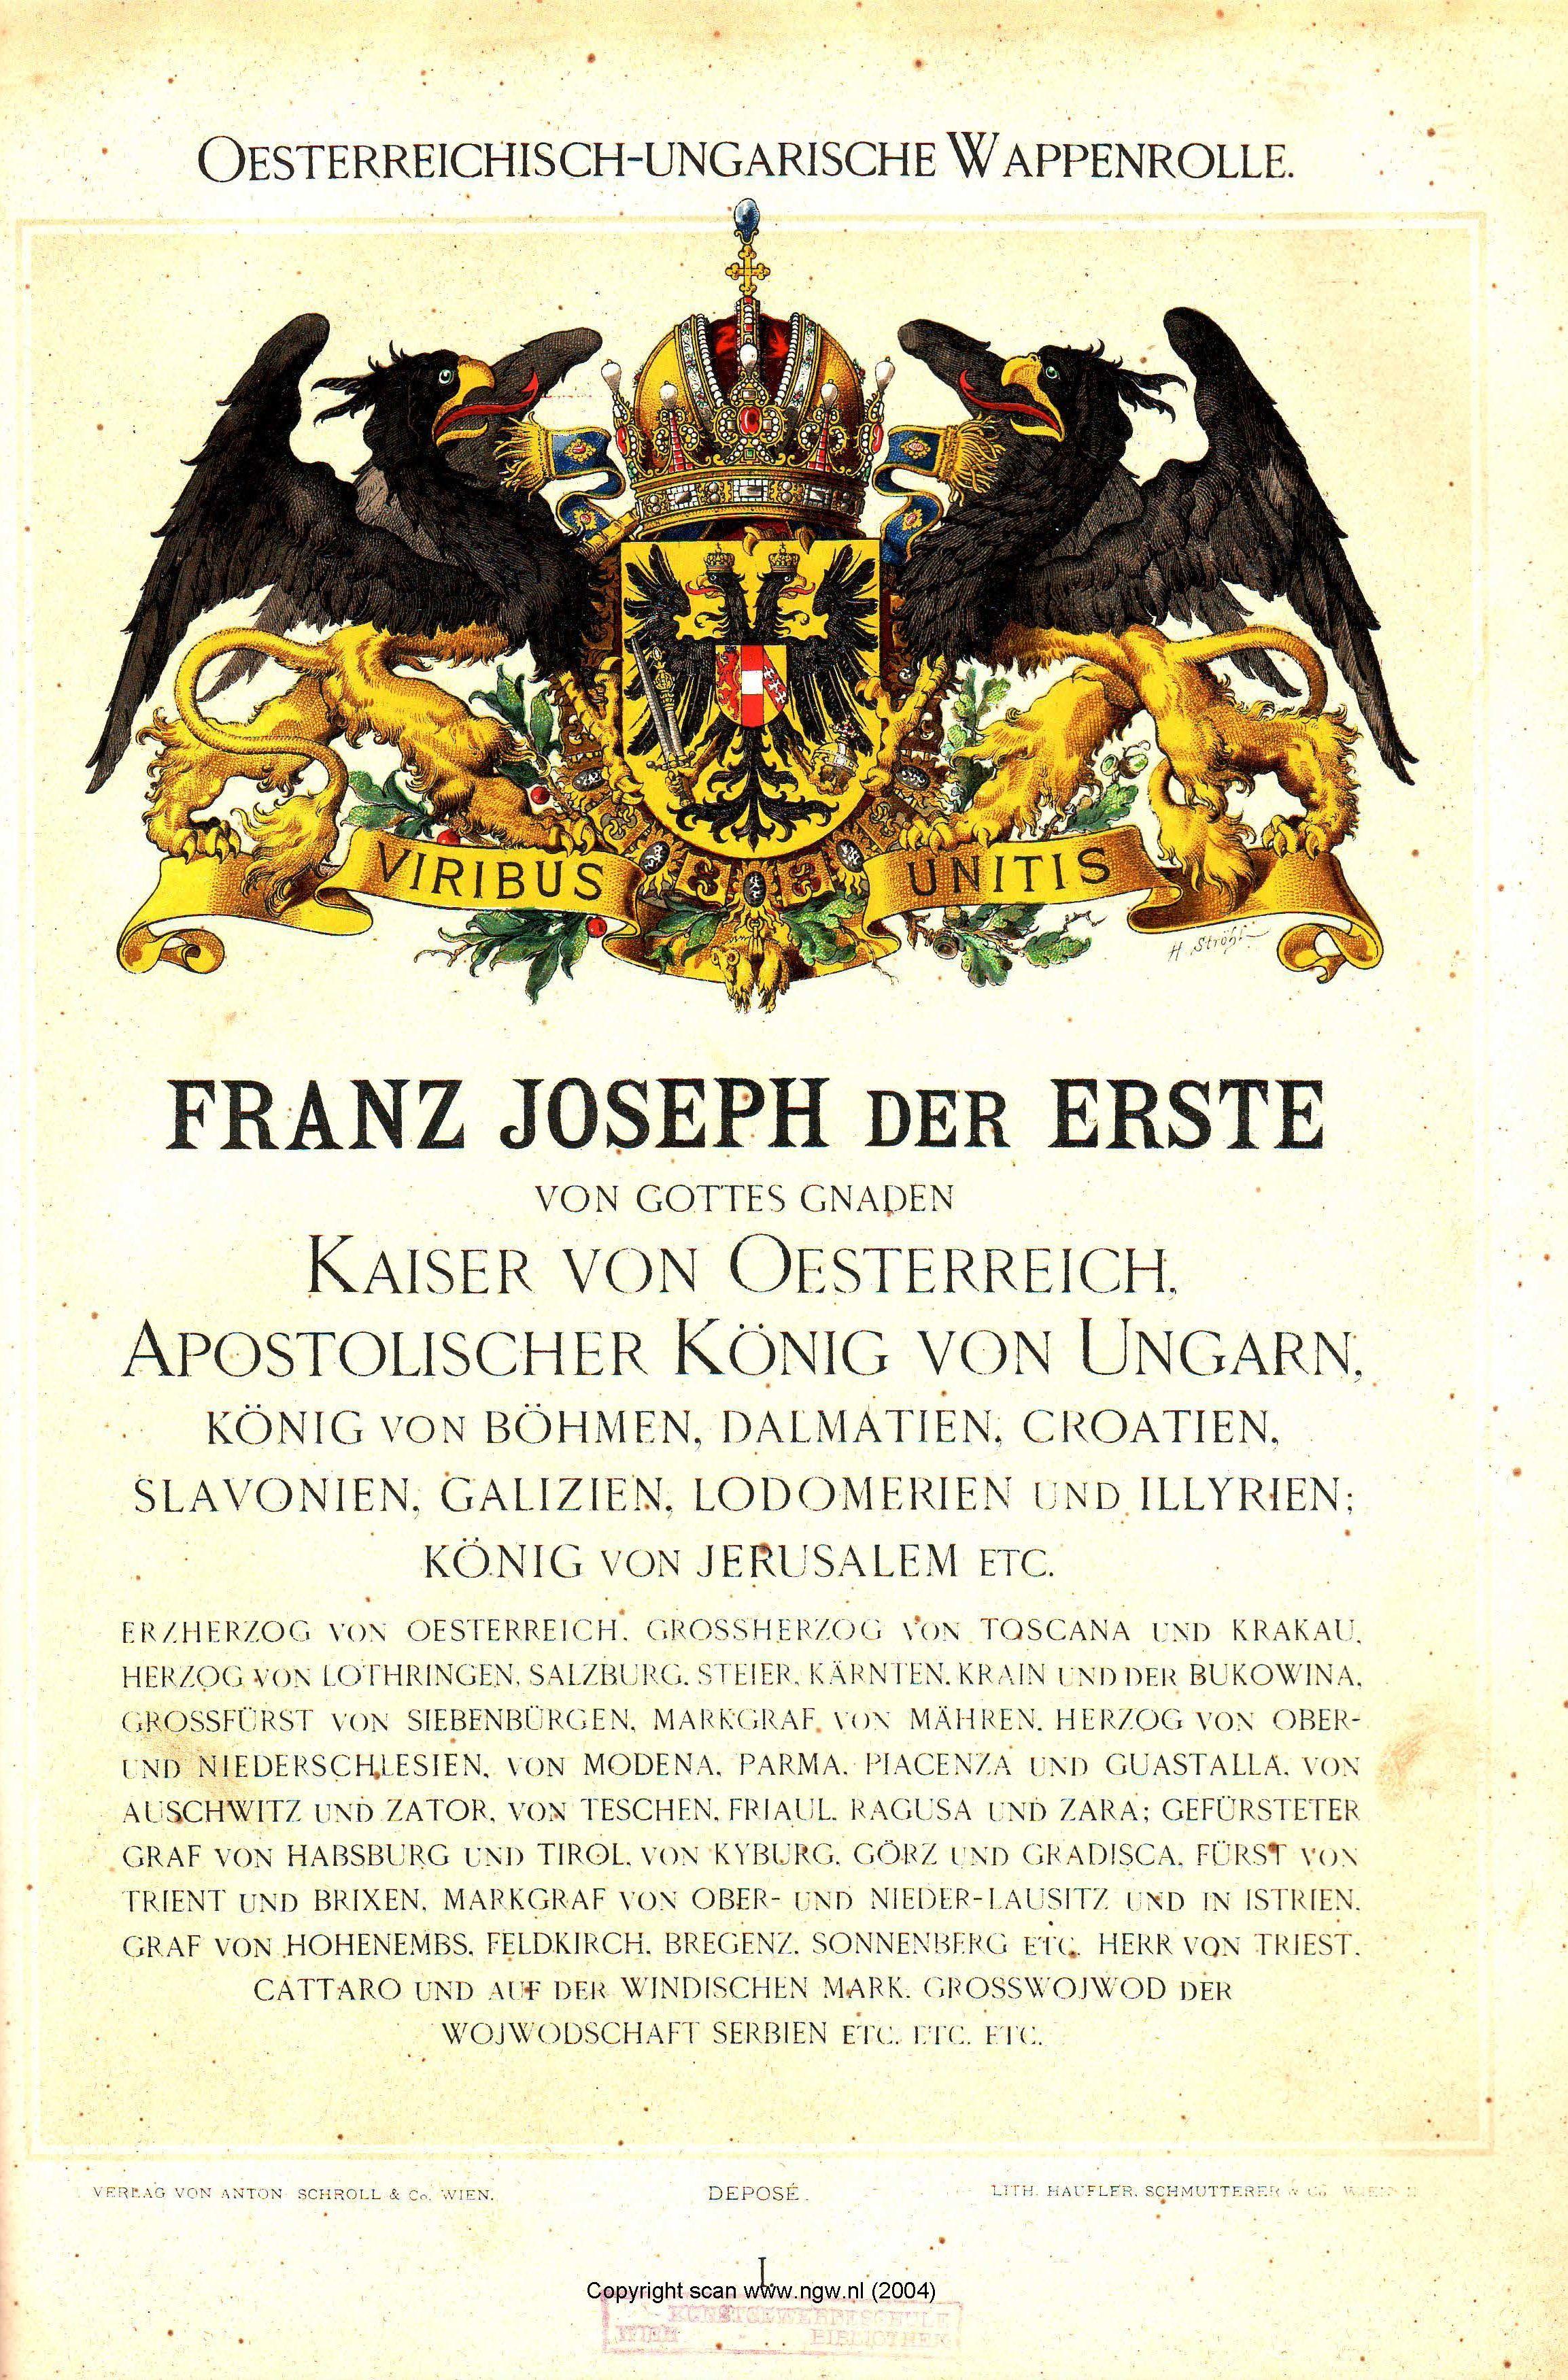 oesterreichisch ungarische wappenrolle von hugo gerhard str hl wien 1890 see also at. Black Bedroom Furniture Sets. Home Design Ideas